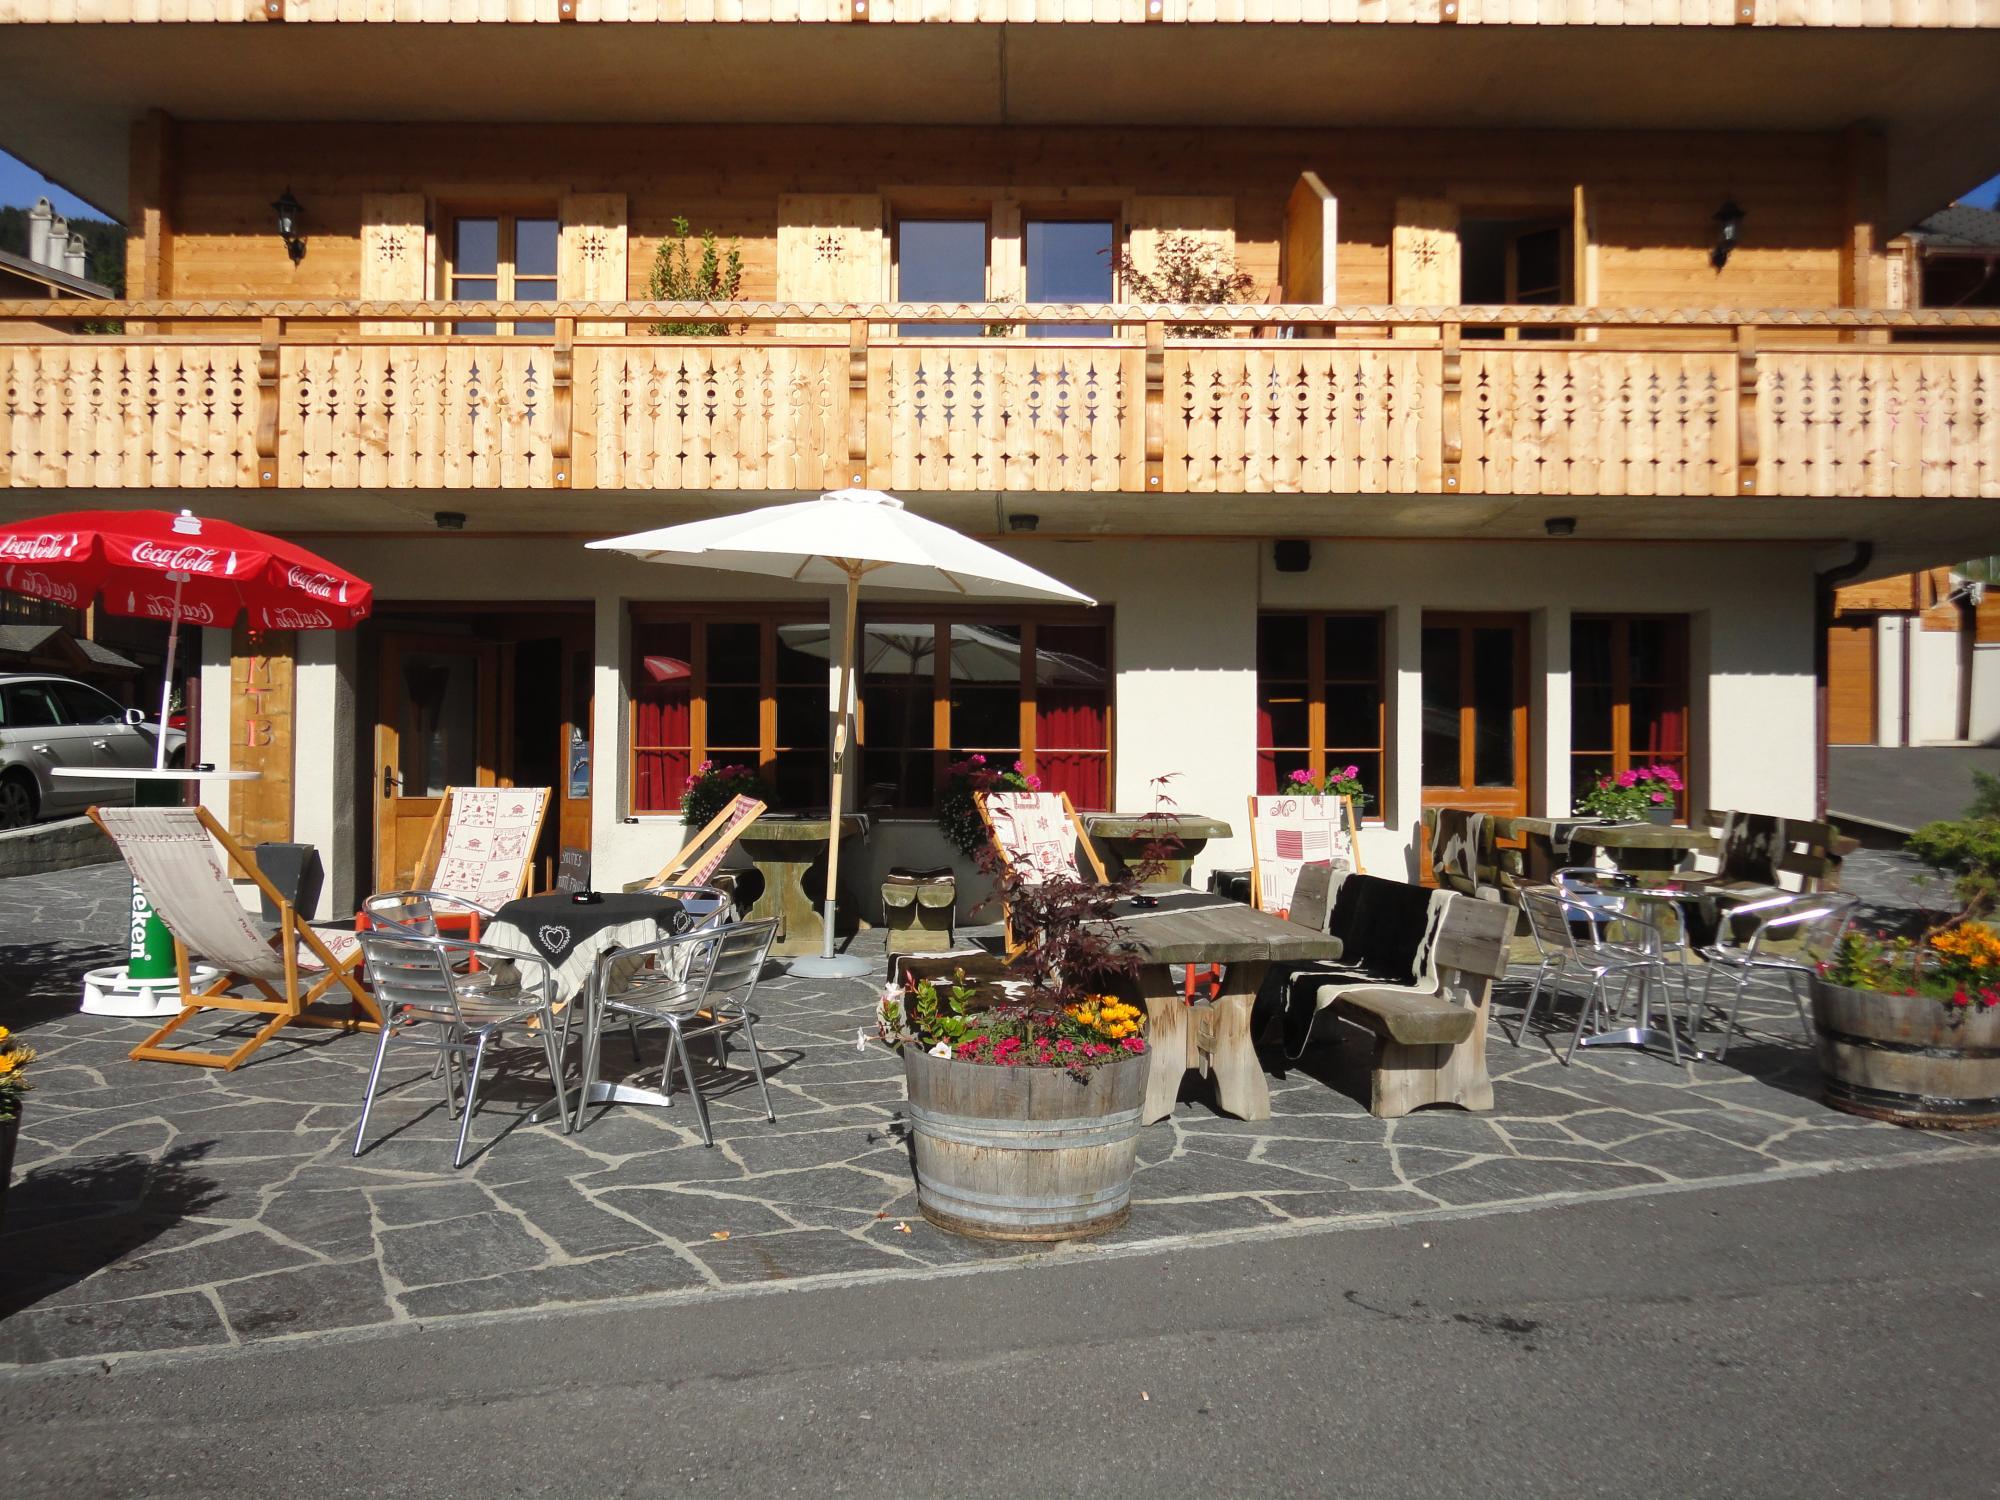 Mtb bar villars gryon les diablerets bex suisse - Office du tourisme plestin les greves ...